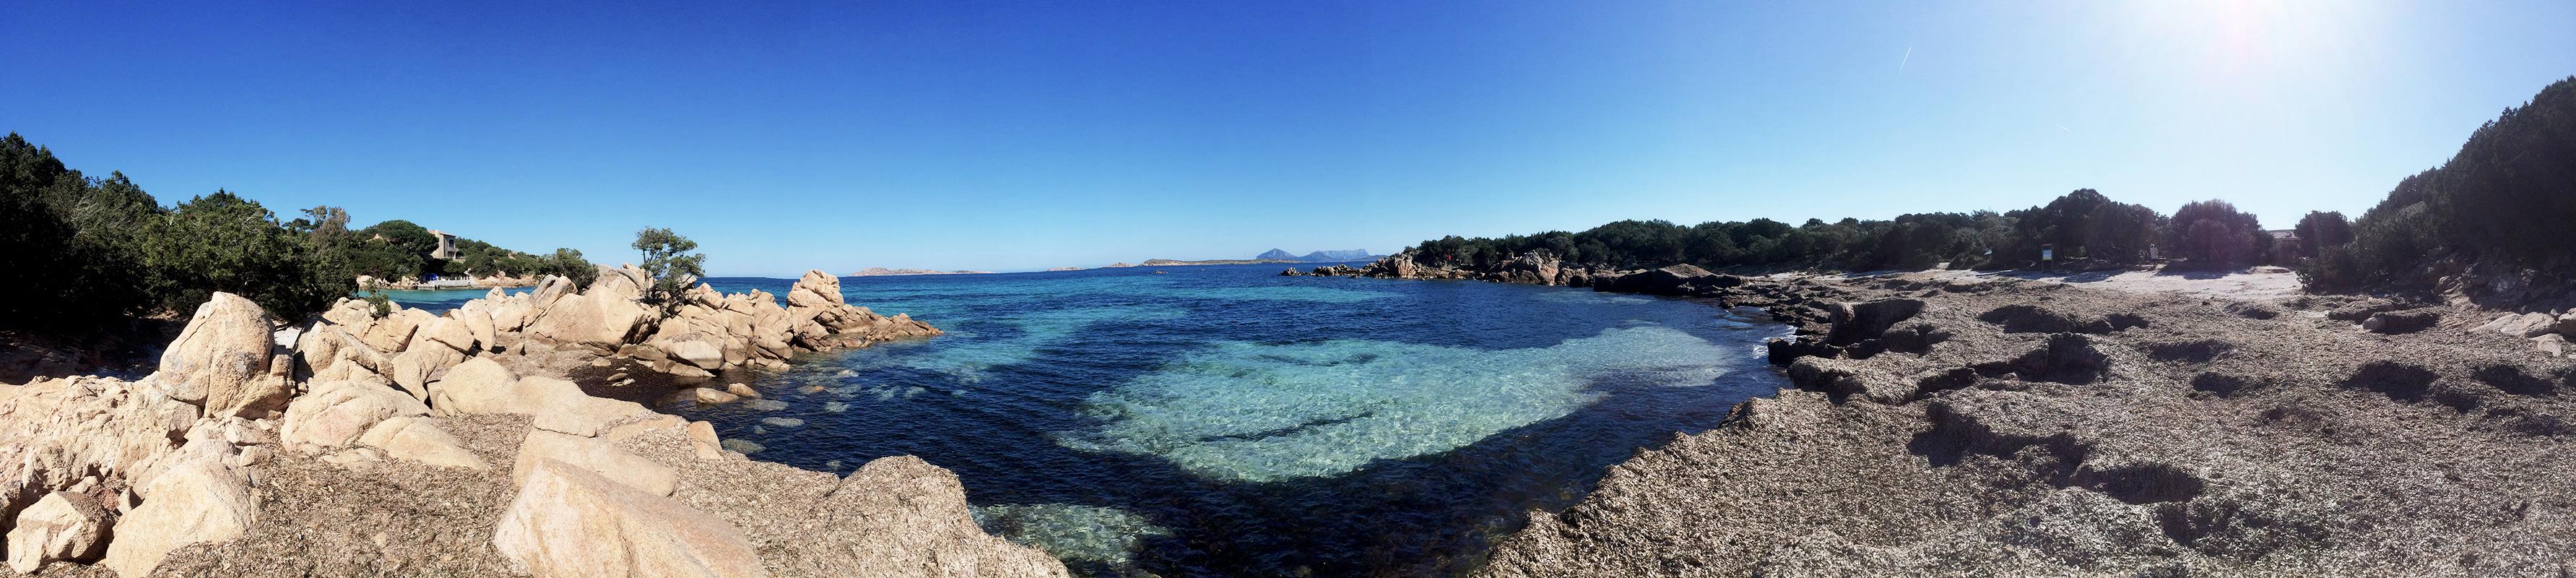 Sardegna3